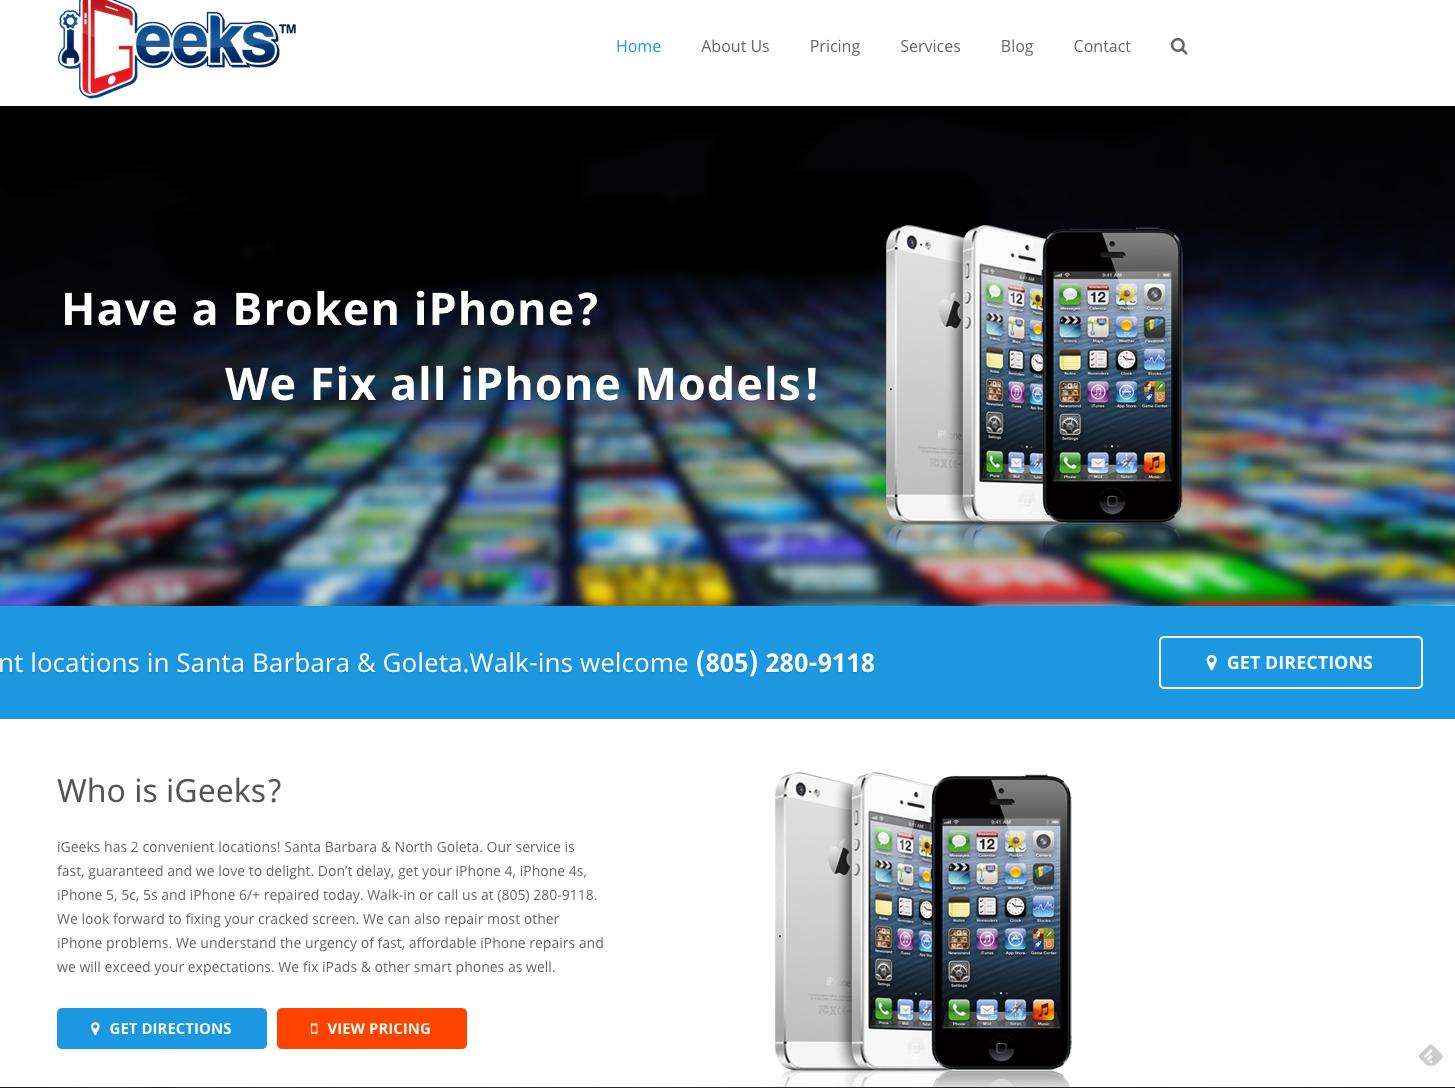 iGeeks - iPhone repairs in Santa Barbara, CA